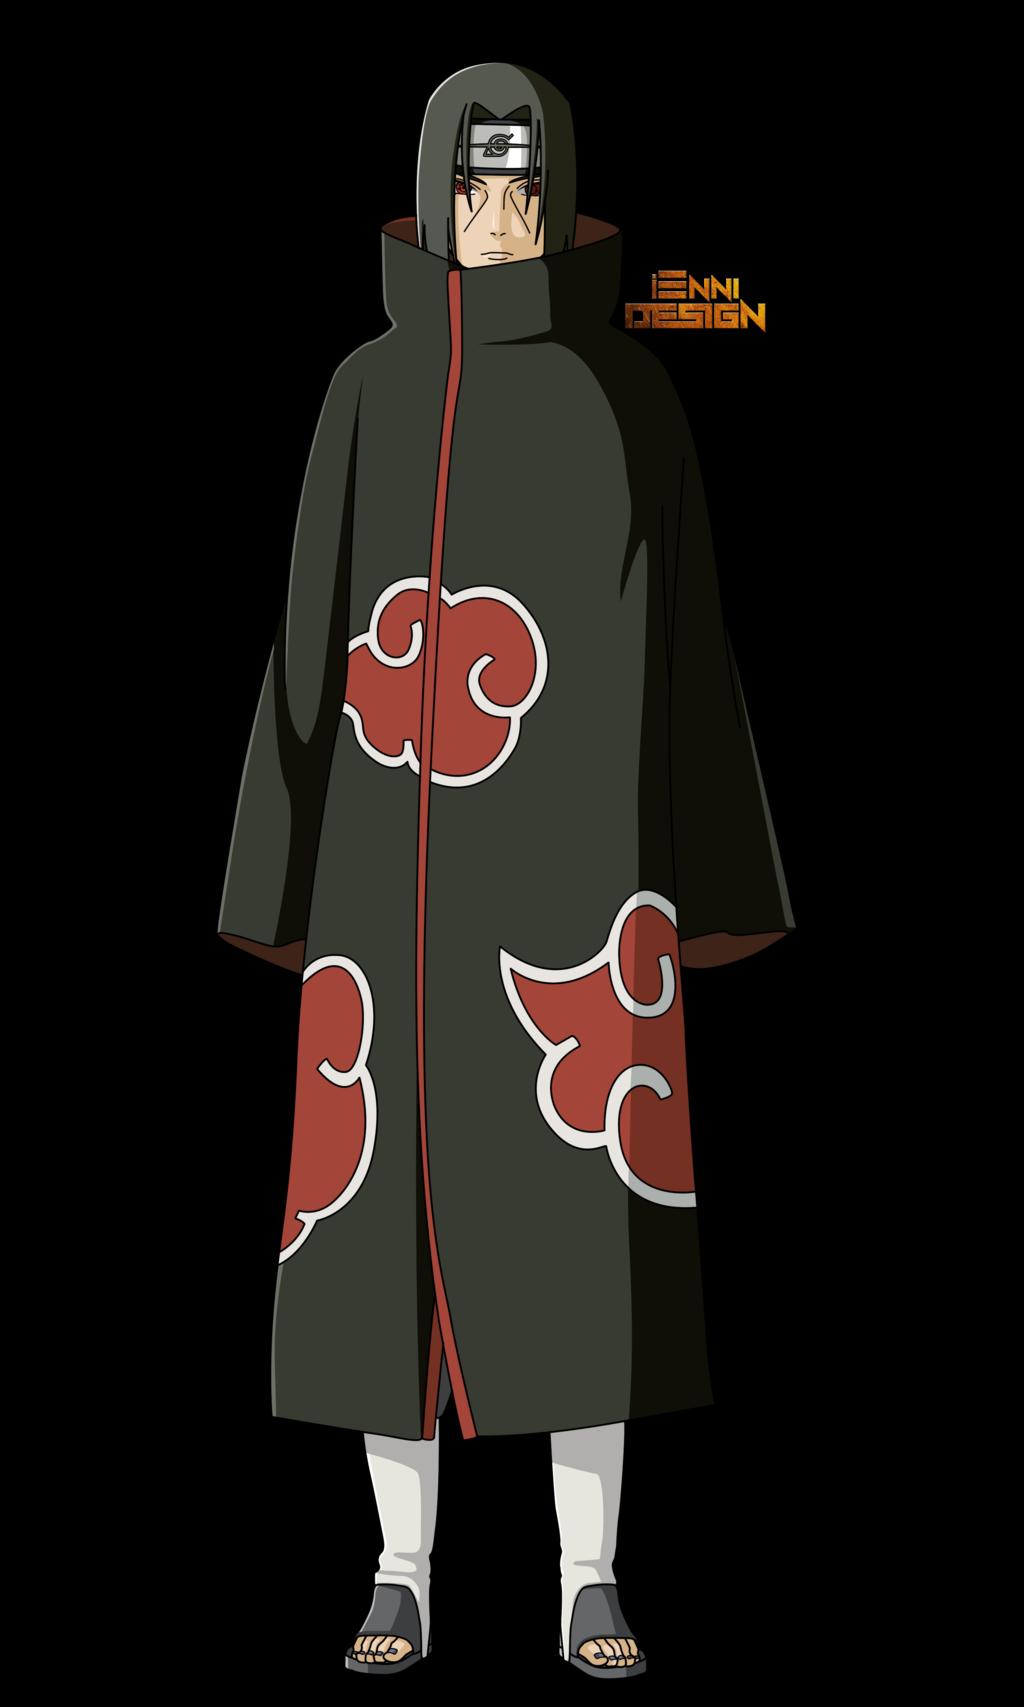 image Naruto Shippuden